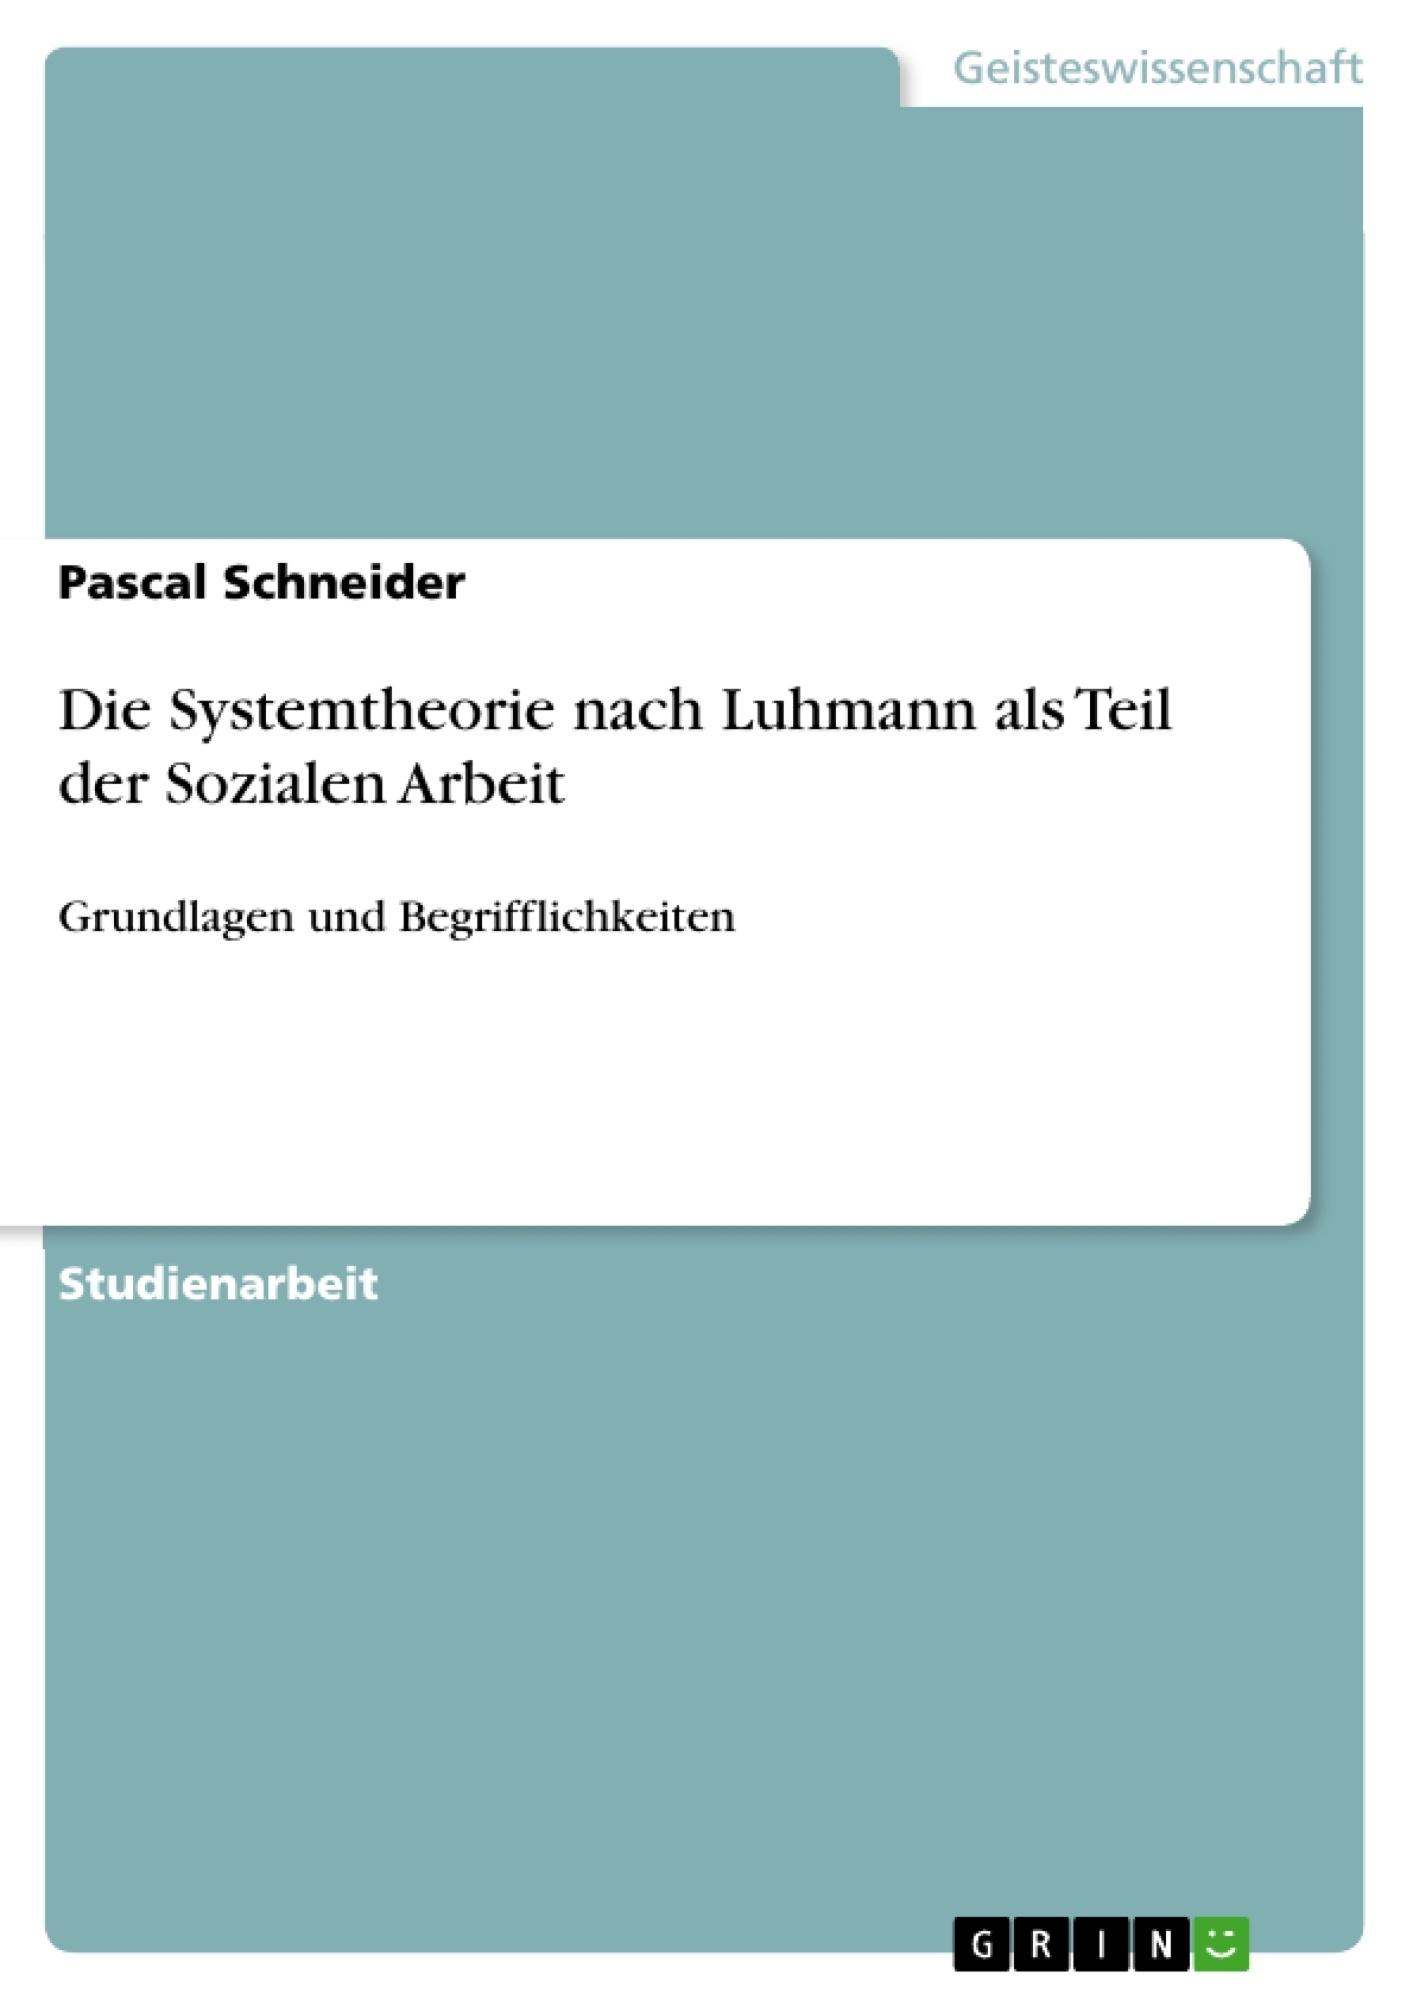 Titel: Die Systemtheorie nach Luhmann als Teil der Sozialen Arbeit